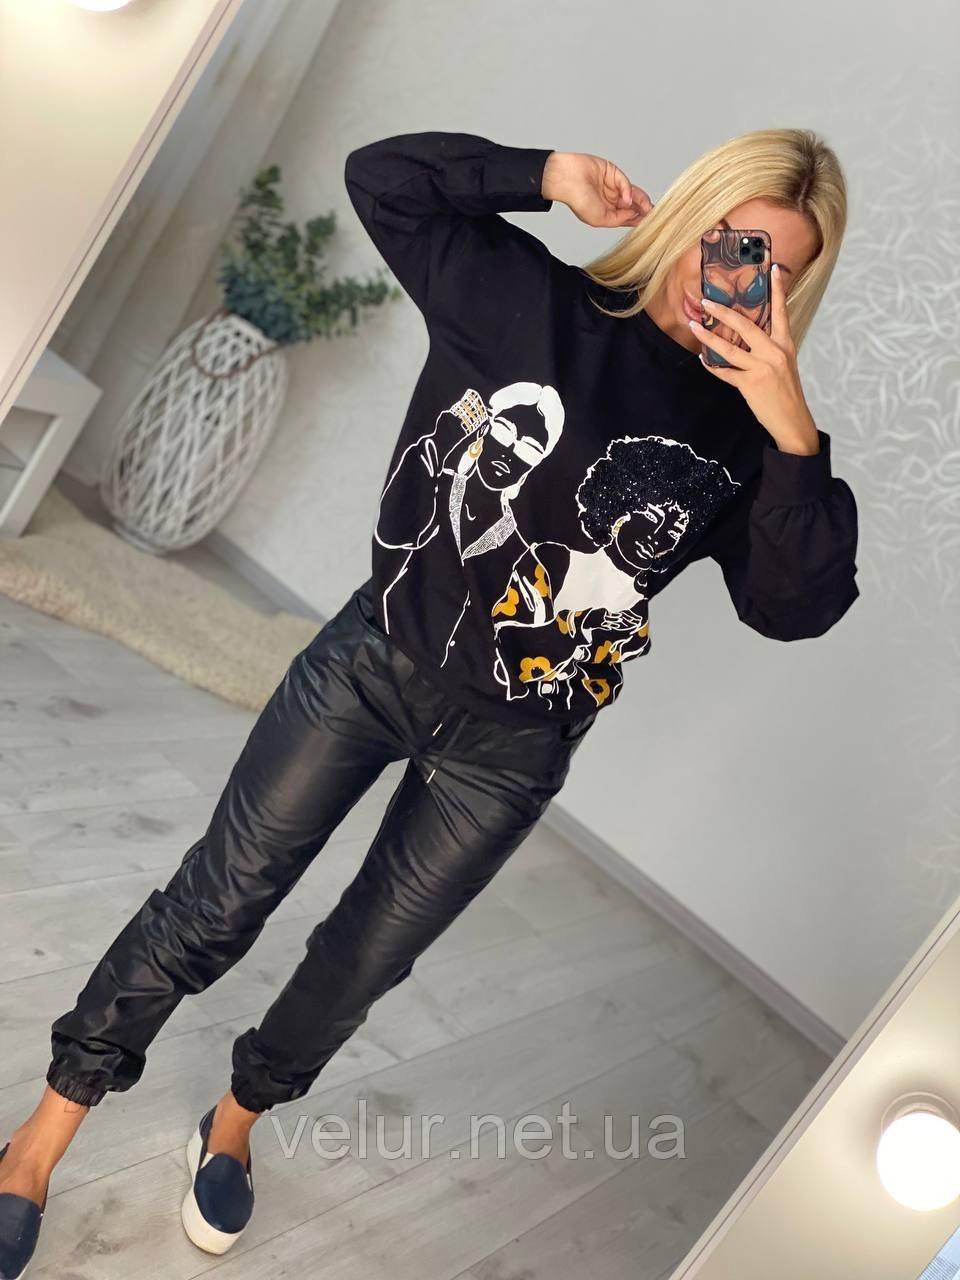 Жіночий спортивний трикотажний костюм,брюки екокожа (Туреччина); Розміри:З,М,Л,ХЛ (повномірні)